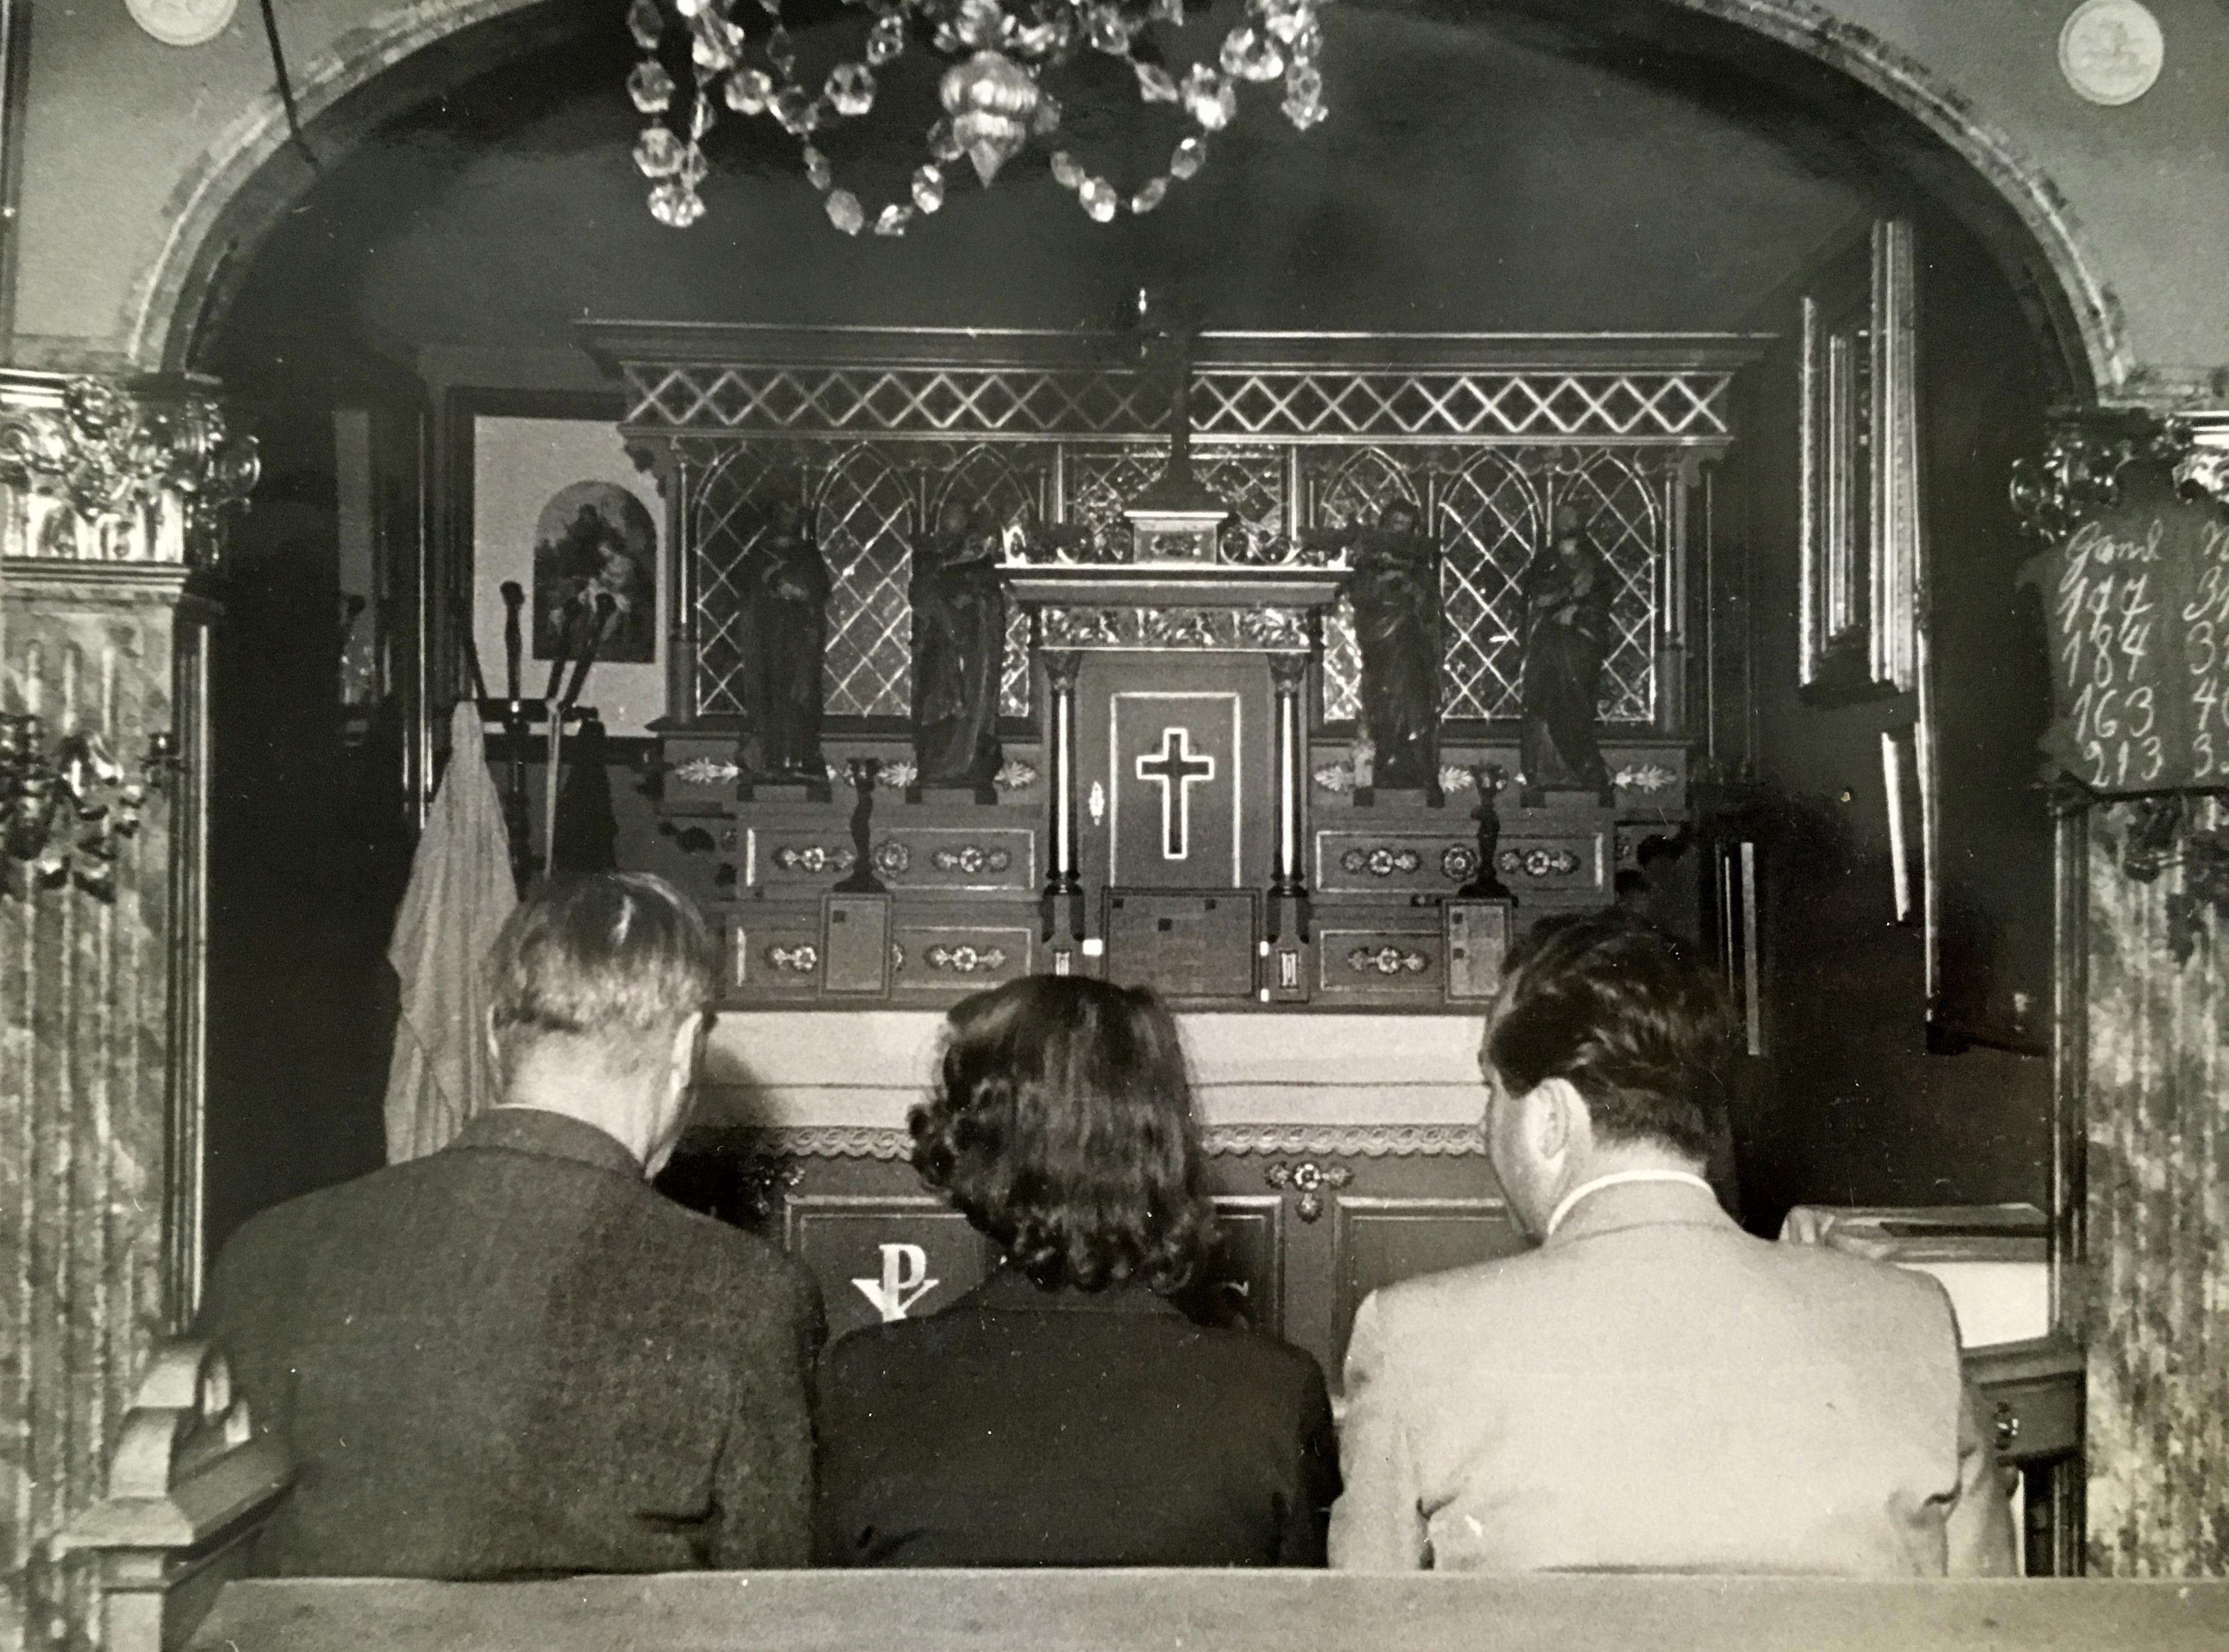 det-katolske-kapel-venstre-driftbestyrer-karl-schluter-illona-wieselmann-og-redaktoer-gunnar-buchwald-billede-er-fra-8-juli-1951